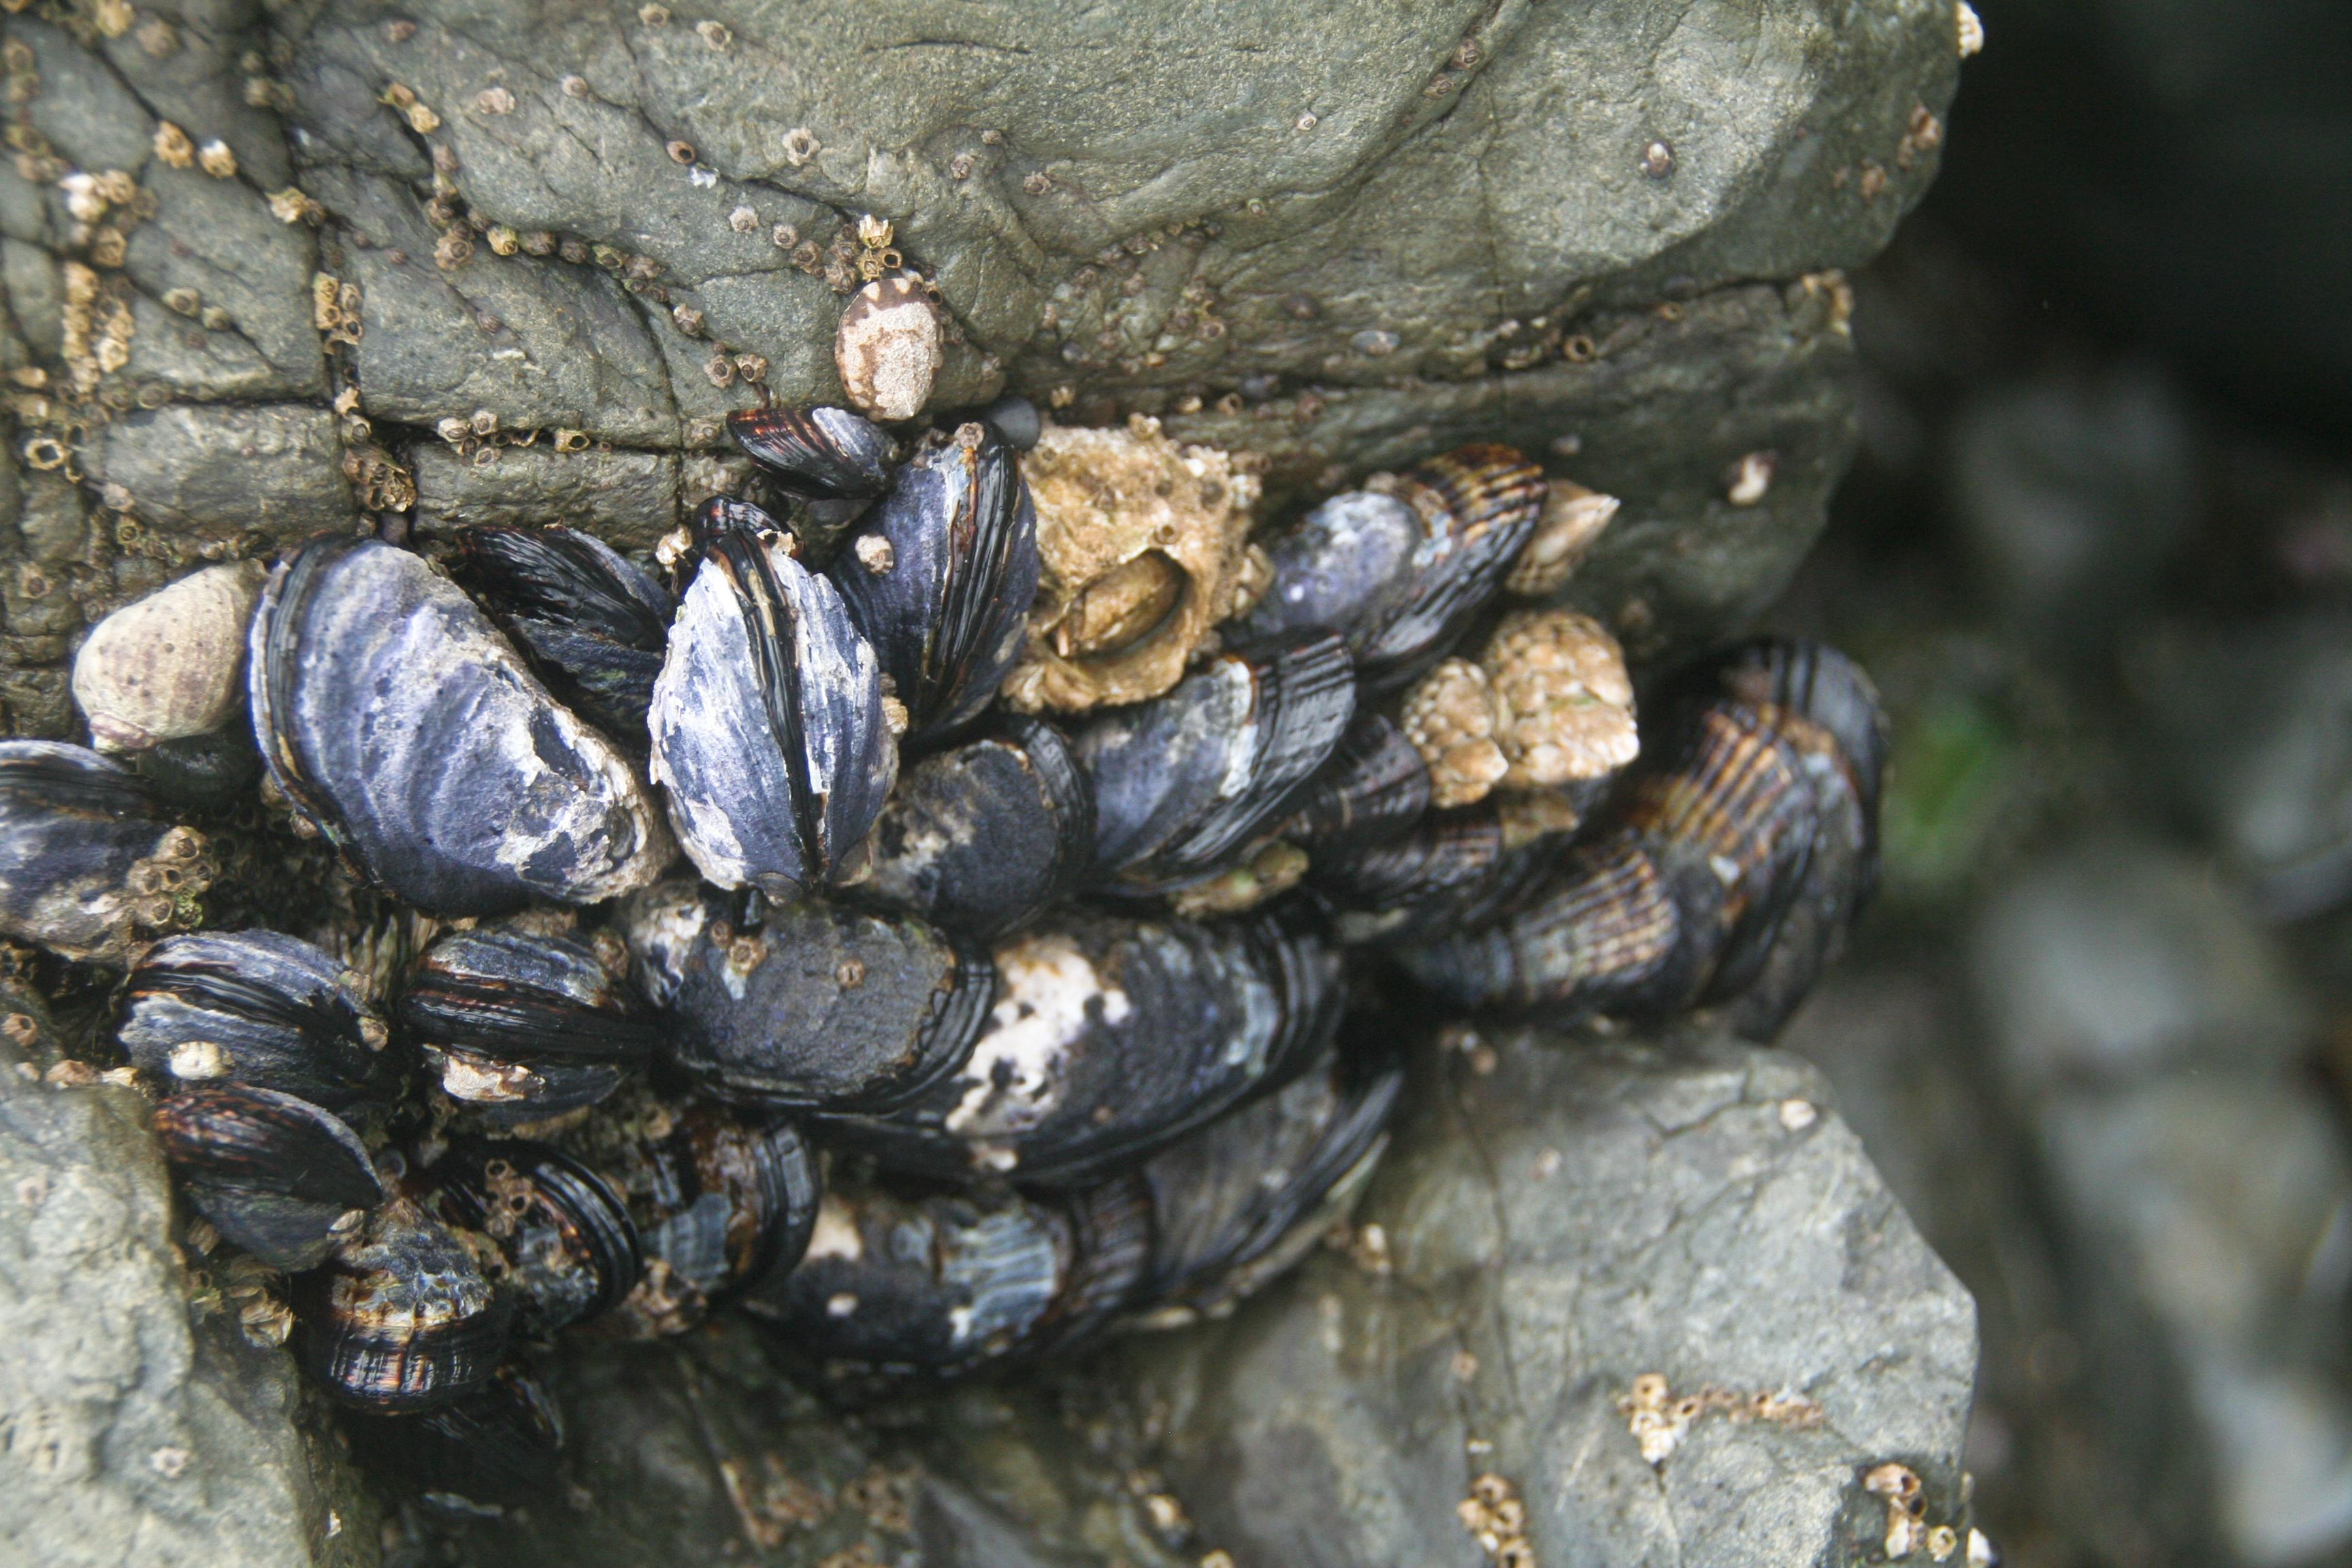 Keystone species - Sea stars - Essay Example